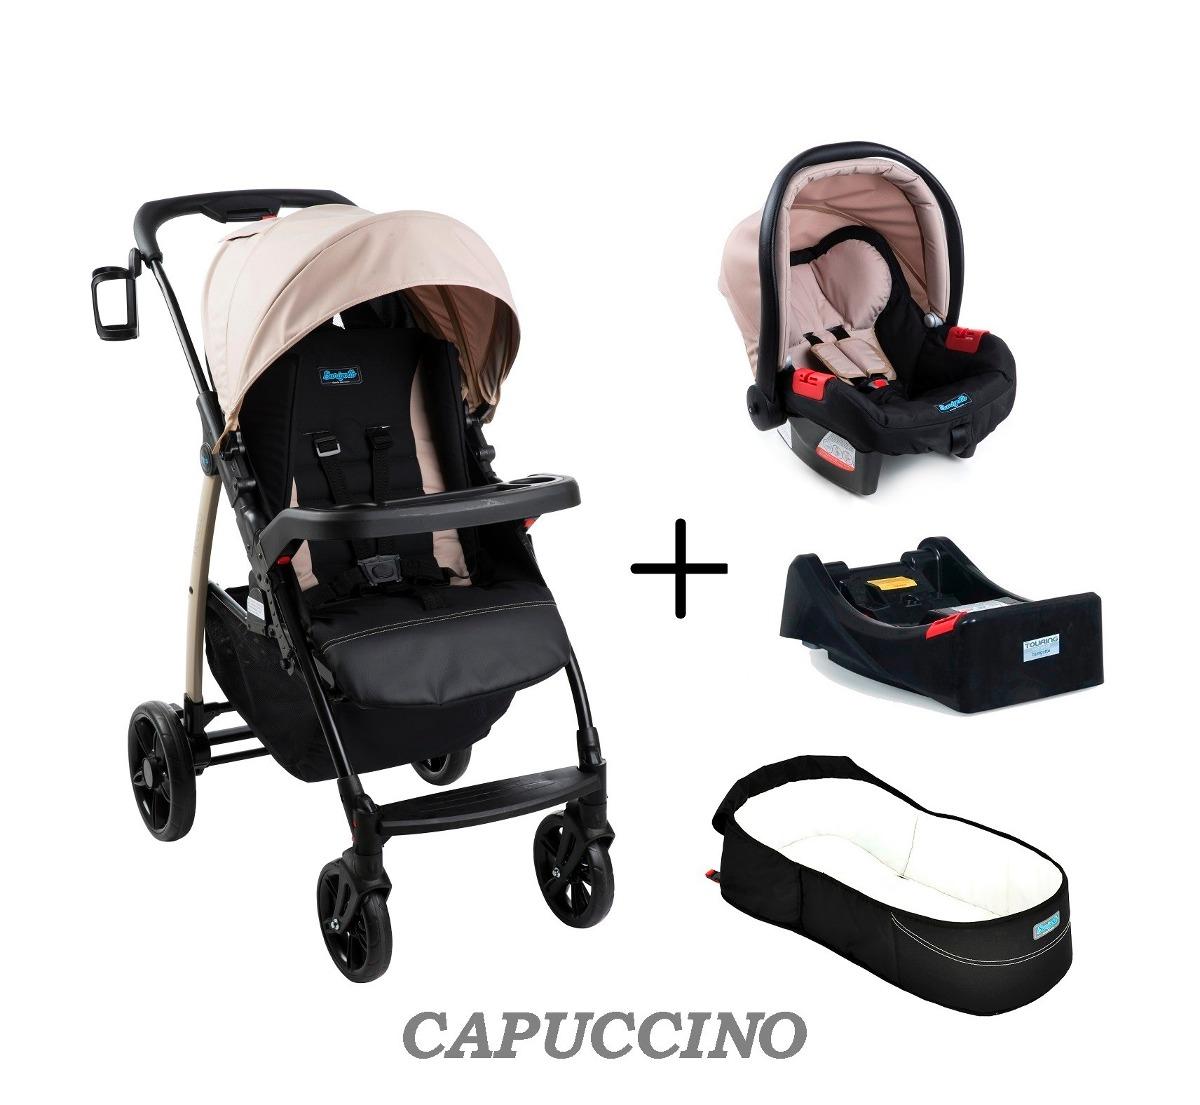 93c4d5c8b carrinho módulo pramette + bebe conforto burigotto capuccino. Carregando  zoom.